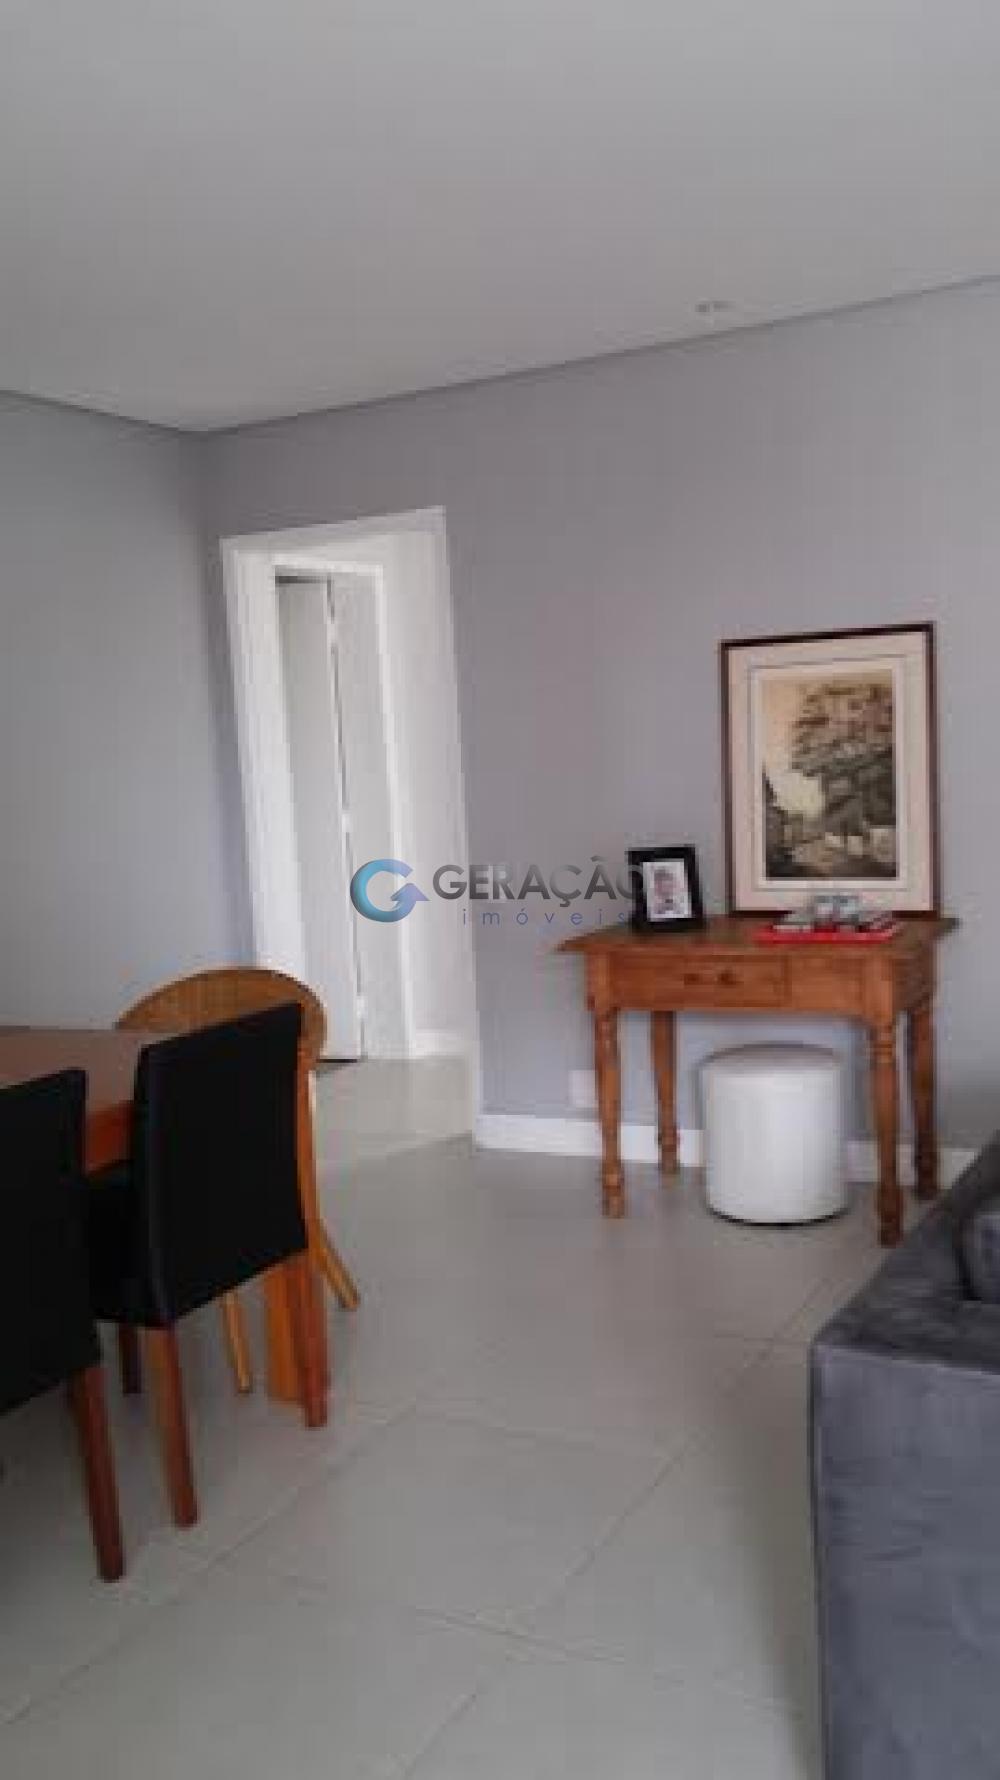 Comprar Apartamento / Padrão em São José dos Campos apenas R$ 730.000,00 - Foto 13